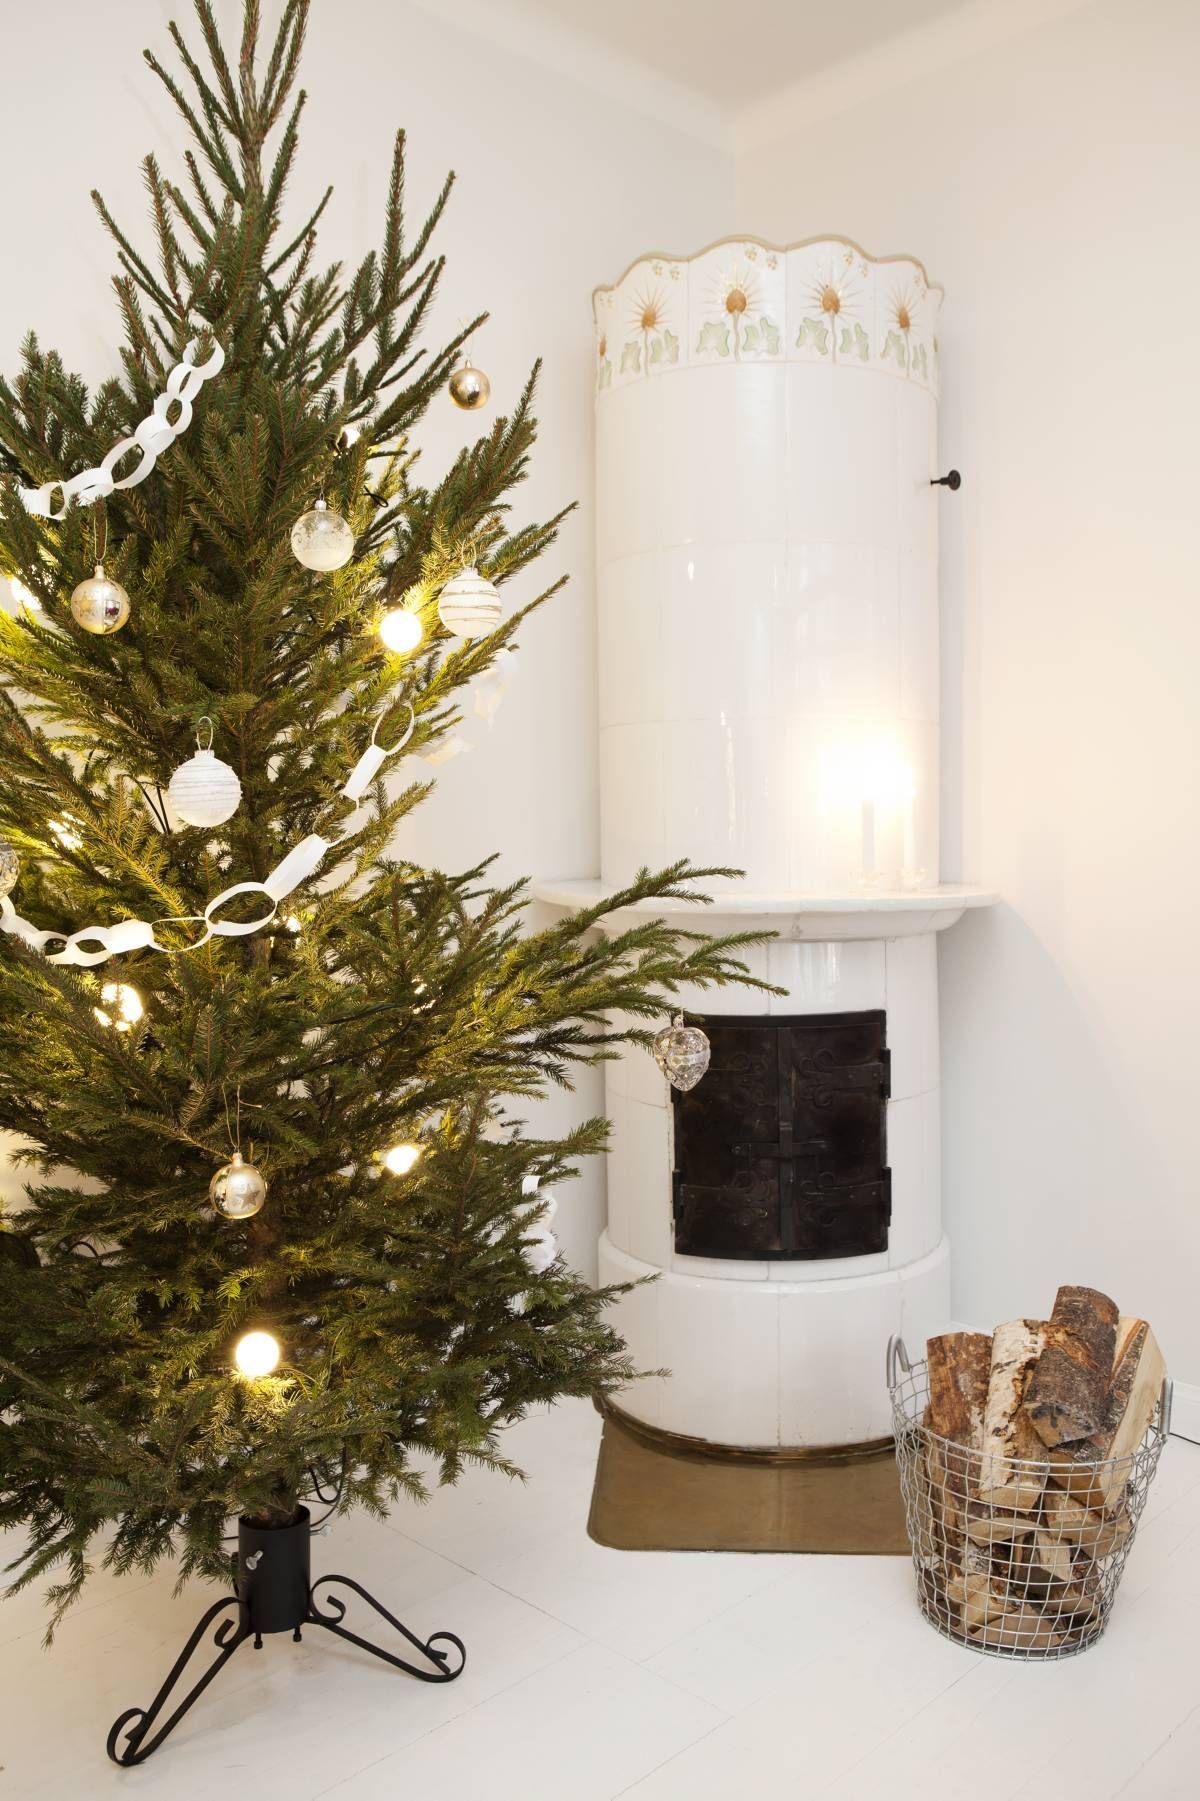 Joulukuuseen on ripustettu ystävän lasten tekemiä paperikoristeita ja Annan suosikkikoristeita, lasipalloja. Pallovalot on ostettu Clas Ohlssonilta.